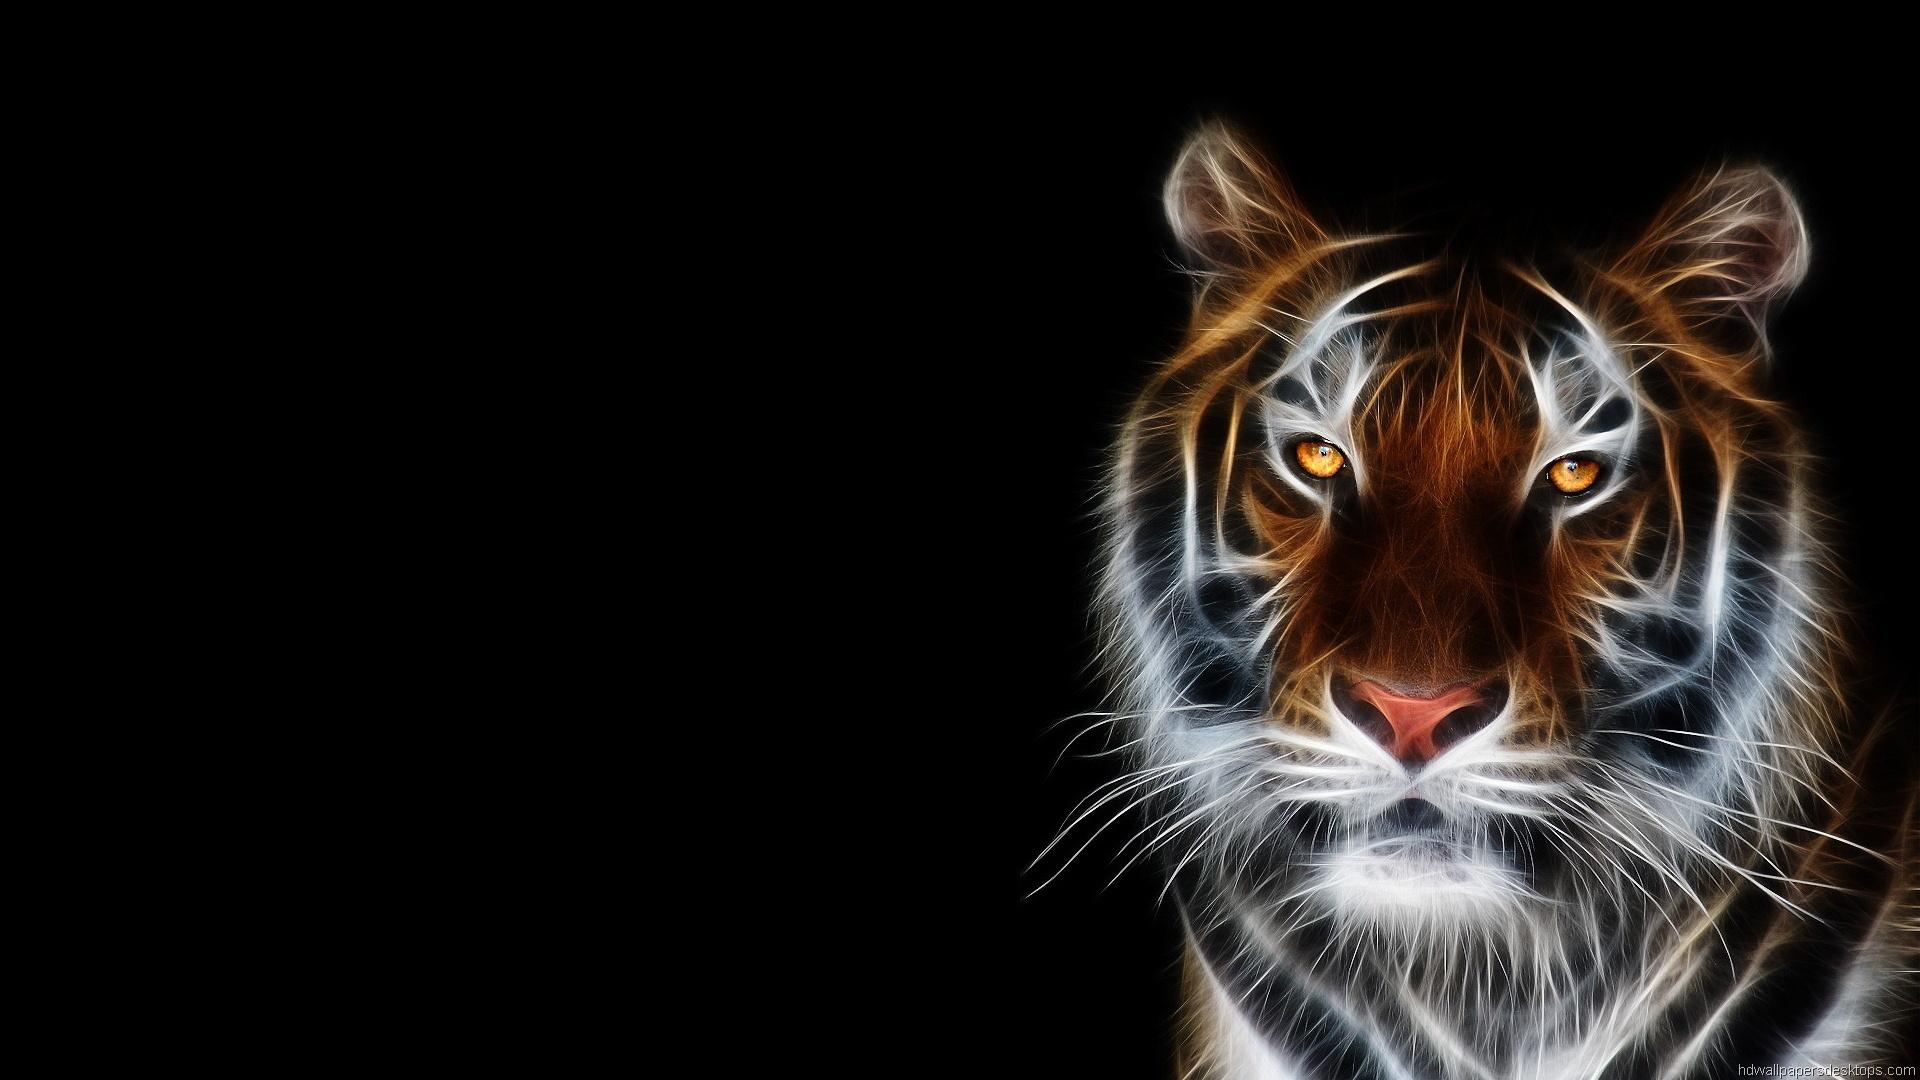 HD 3D Wallpapers Animals Widescreen Desktop Backgrounds Photos 1920x1080